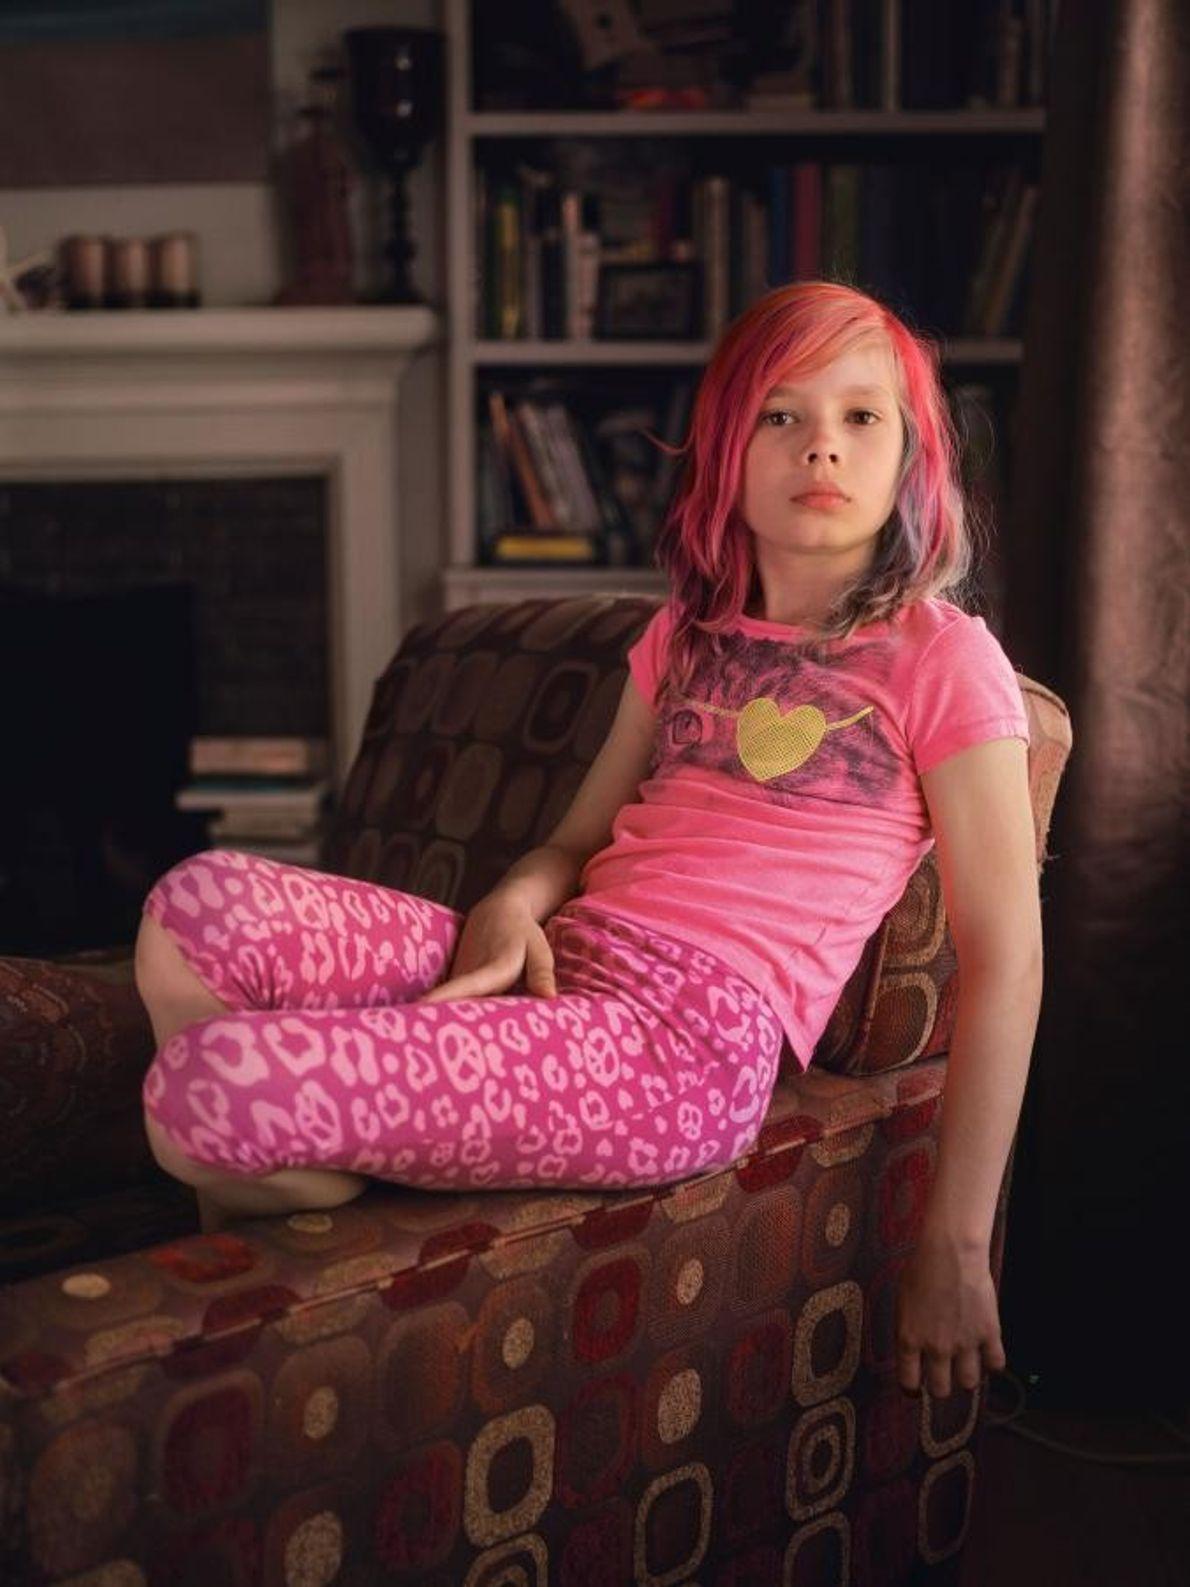 Avery Jackson, une jeune fille américaine de 9 ans, a posé pour la couverture du numéro ...